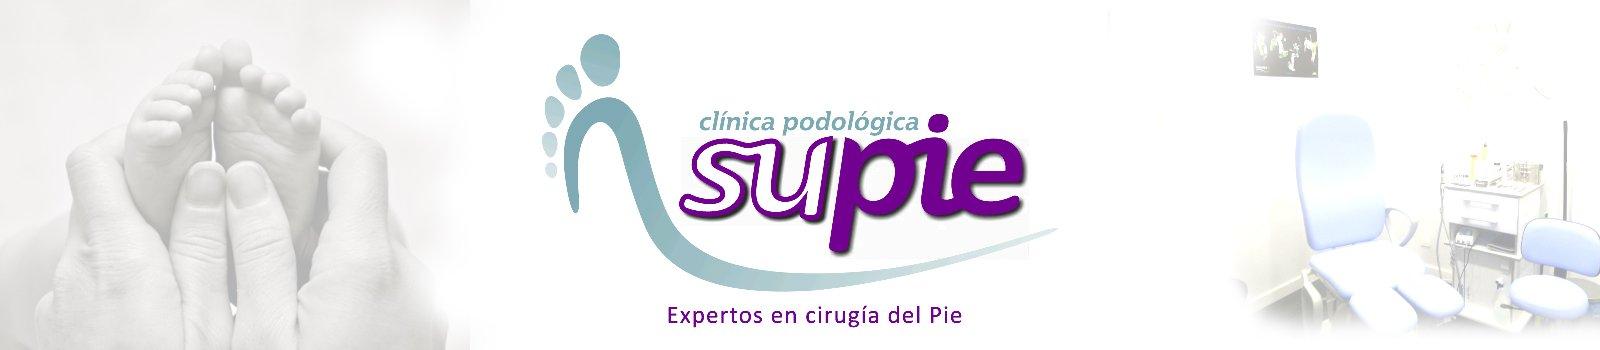 Clínica podológica del pie,patologías en los pies, Podologo